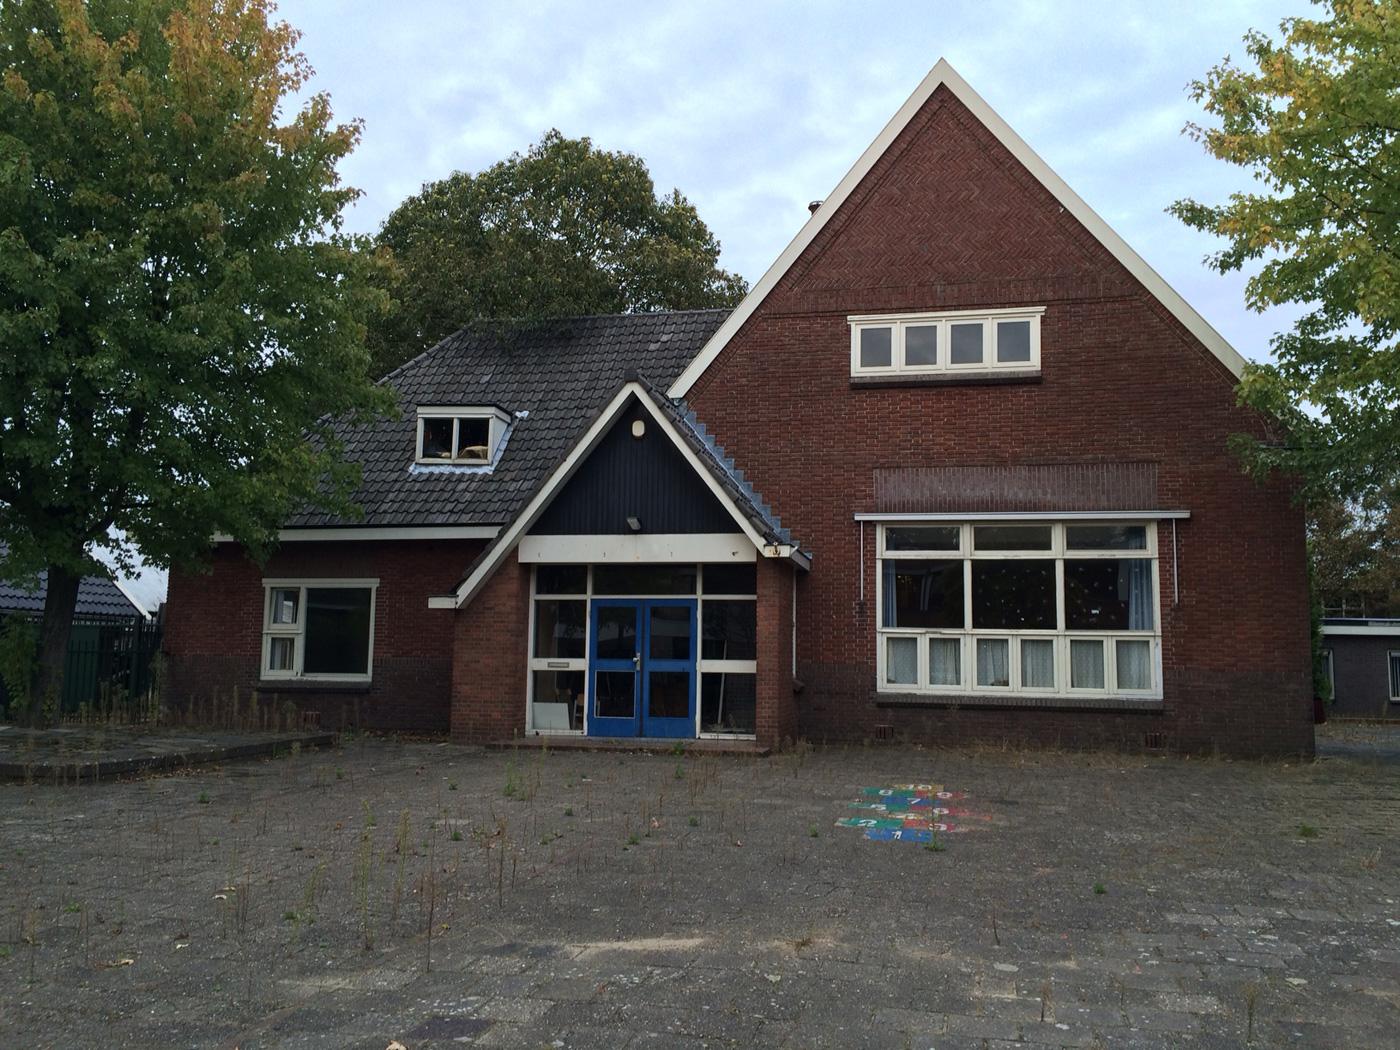 Behoud hoofdgebouw koningin wilhelminaschool cda huizen - Huizen van de wereldbank ...